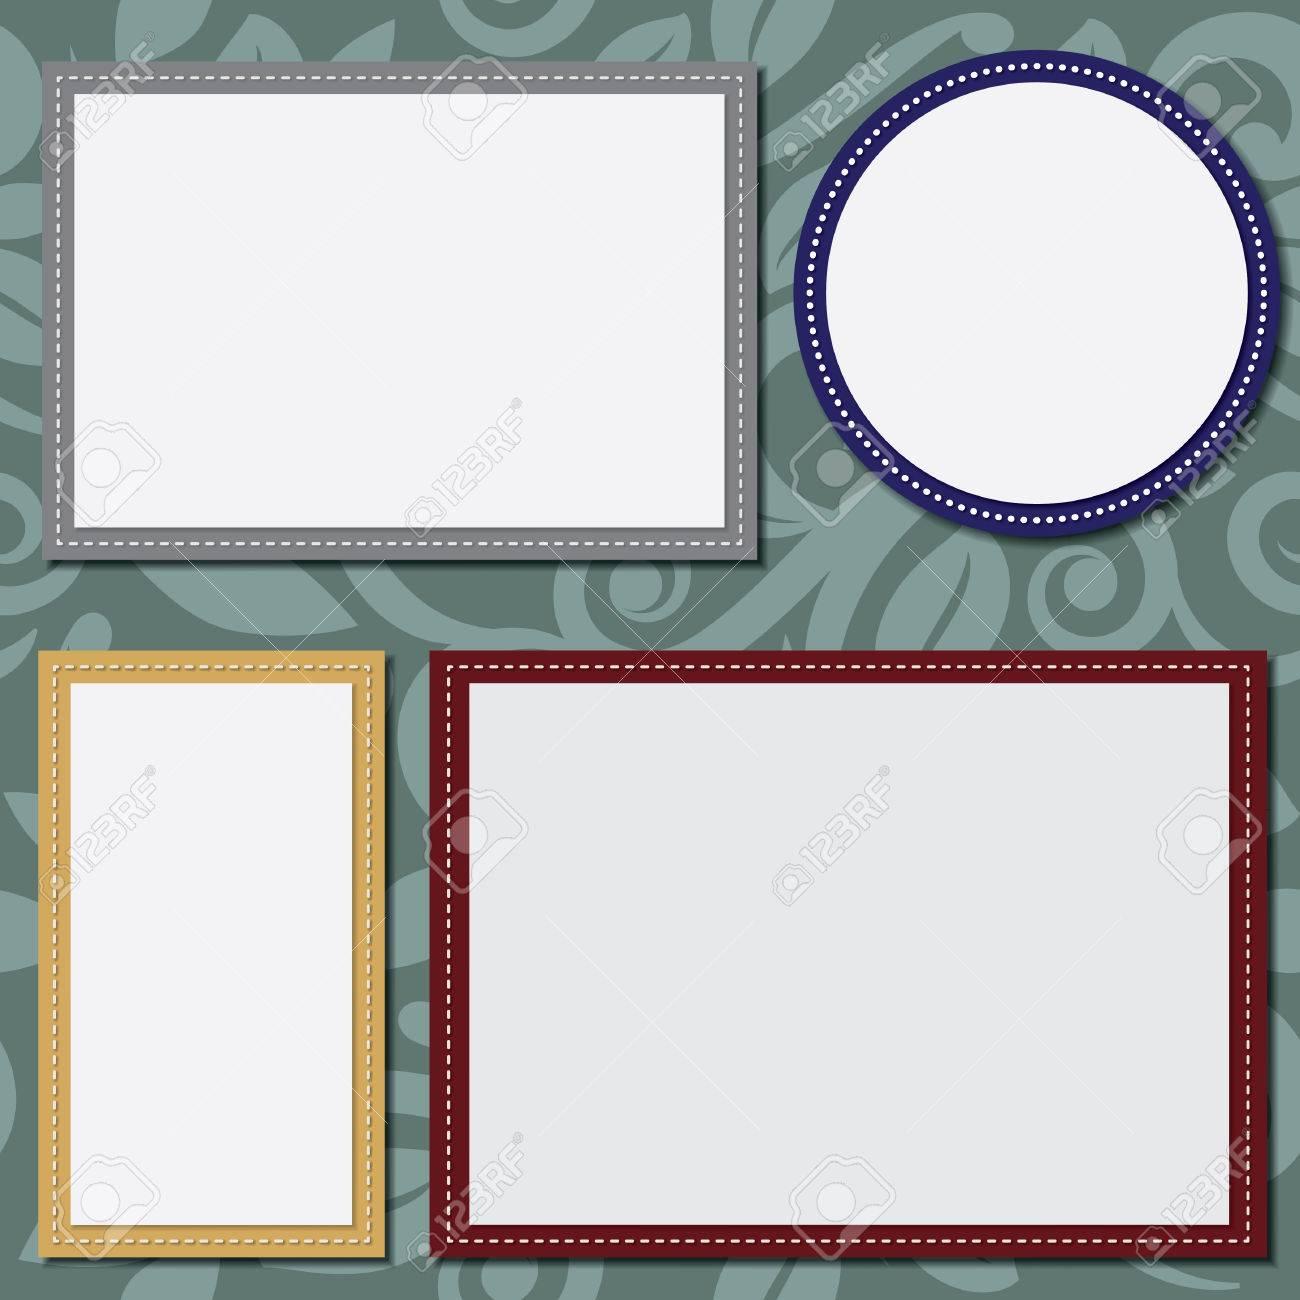 Kreis Und Quadrat-Vorlage Für Text Oder Fotos, Rechtecke 4x6 Und 5x7 ...